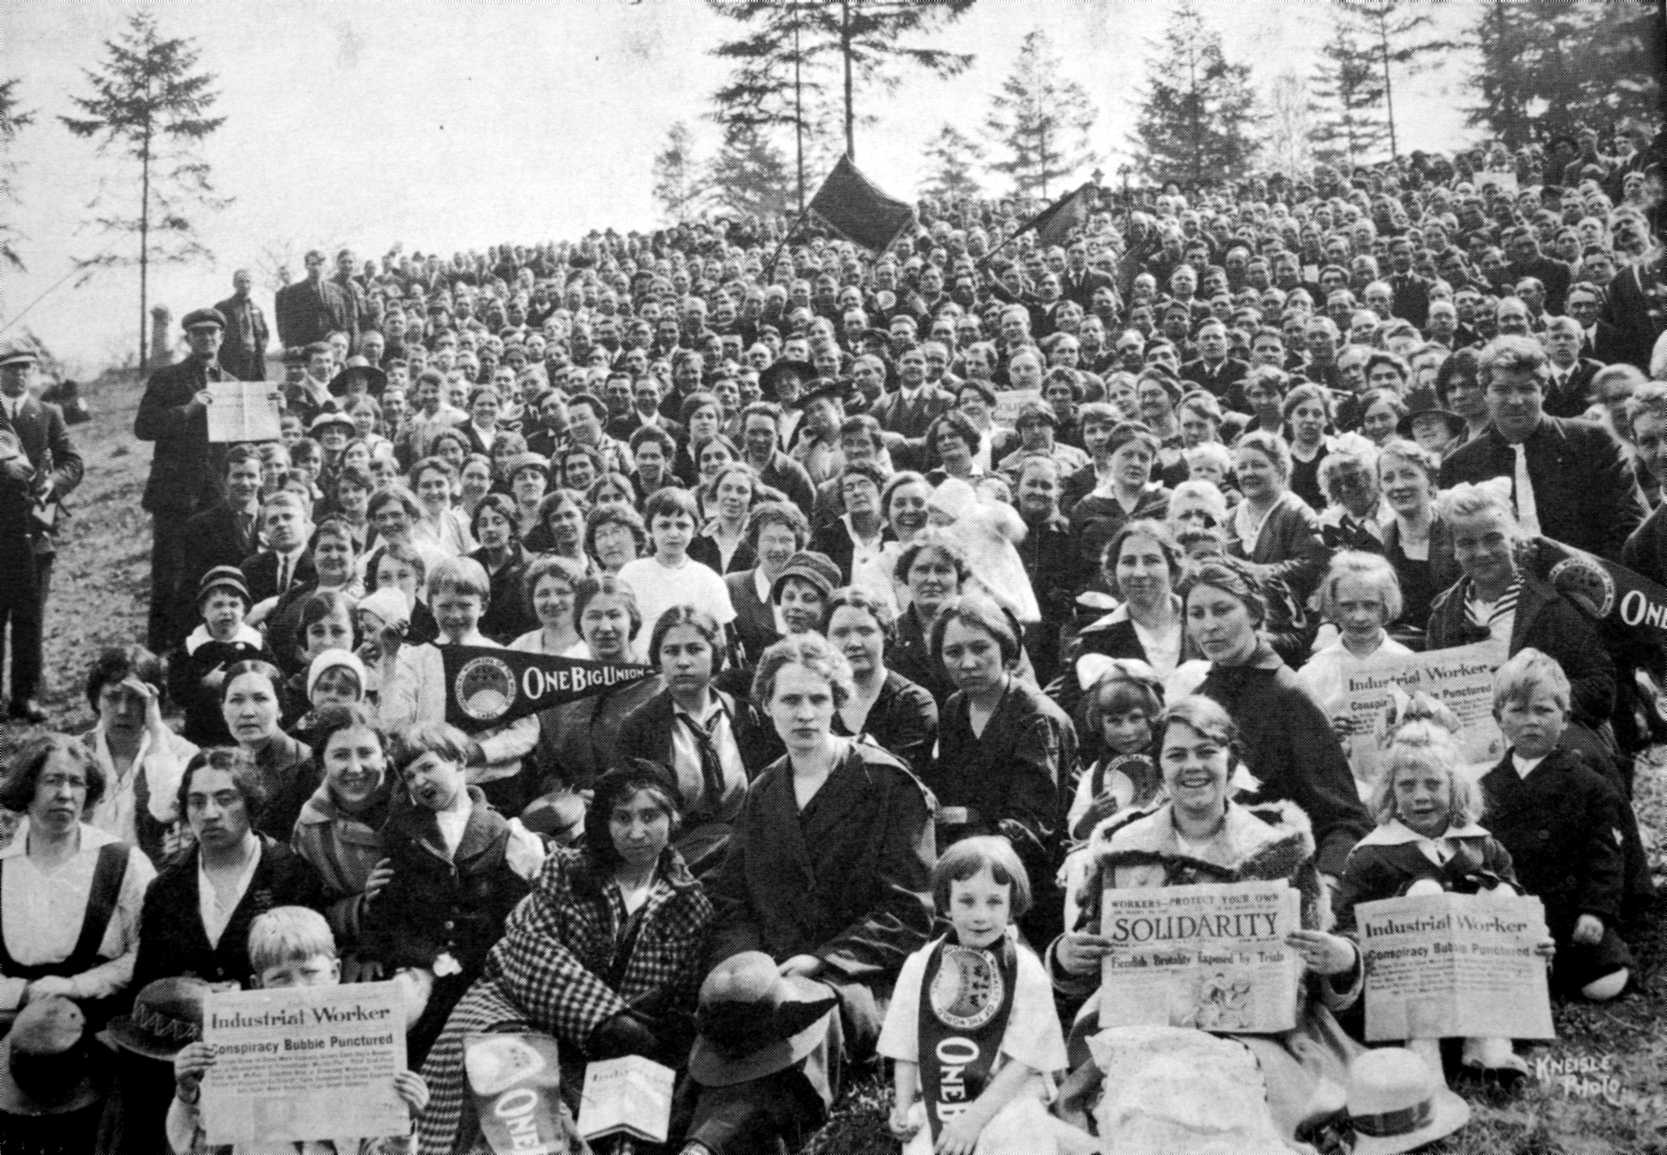 """Commemoriació de les víctimes d'Everett al Mount Pleasant Cemetery de Seattle (Washington, EUA) el Primer de Maig de 1917. Algunes dones porten exemplars de """"Solidarity"""". Foto de Kneisle"""